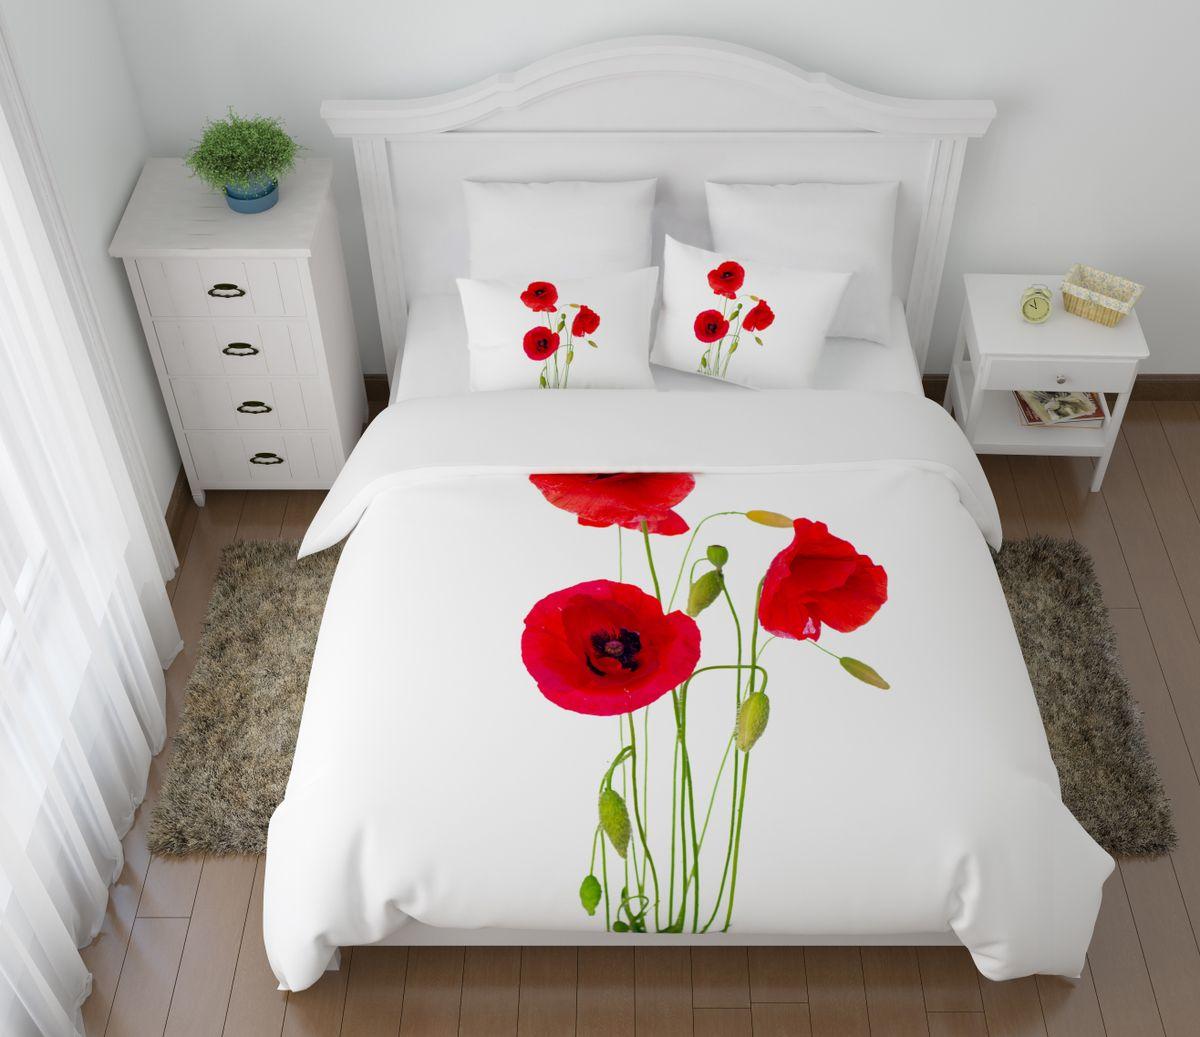 Комплект белья Сирень Выразительные маки, 2-спальный, наволочки 50х7008488-КПБ2-МКомплект постельного белья Сирень выполнен из прочной и мягкой ткани. Четкий и стильный рисунок в сочетании с насыщенными красками делают комплект постельного белья неповторимой изюминкой любого интерьера.Постельное белье идеально подойдет для подарка. Идеальное соотношение смешенной ткани и гипоаллергенных красок - это гарантия здорового, спокойного сна. Ткань хорошо впитывает влагу, надолго сохраняет яркость красок.В комплект входят: простынь, пододеяльник, две наволочки. Постельное белье легко стирать при 30-40°С, гладить при 150°С, не отбеливать. Рекомендуется перед первым использованием постирать.УВАЖАЕМЫЕ КЛИЕНТЫ! Обращаем ваше внимание, что цвет простыни, пододеяльника, наволочки в комплектации может немного отличаться от представленного на фото.